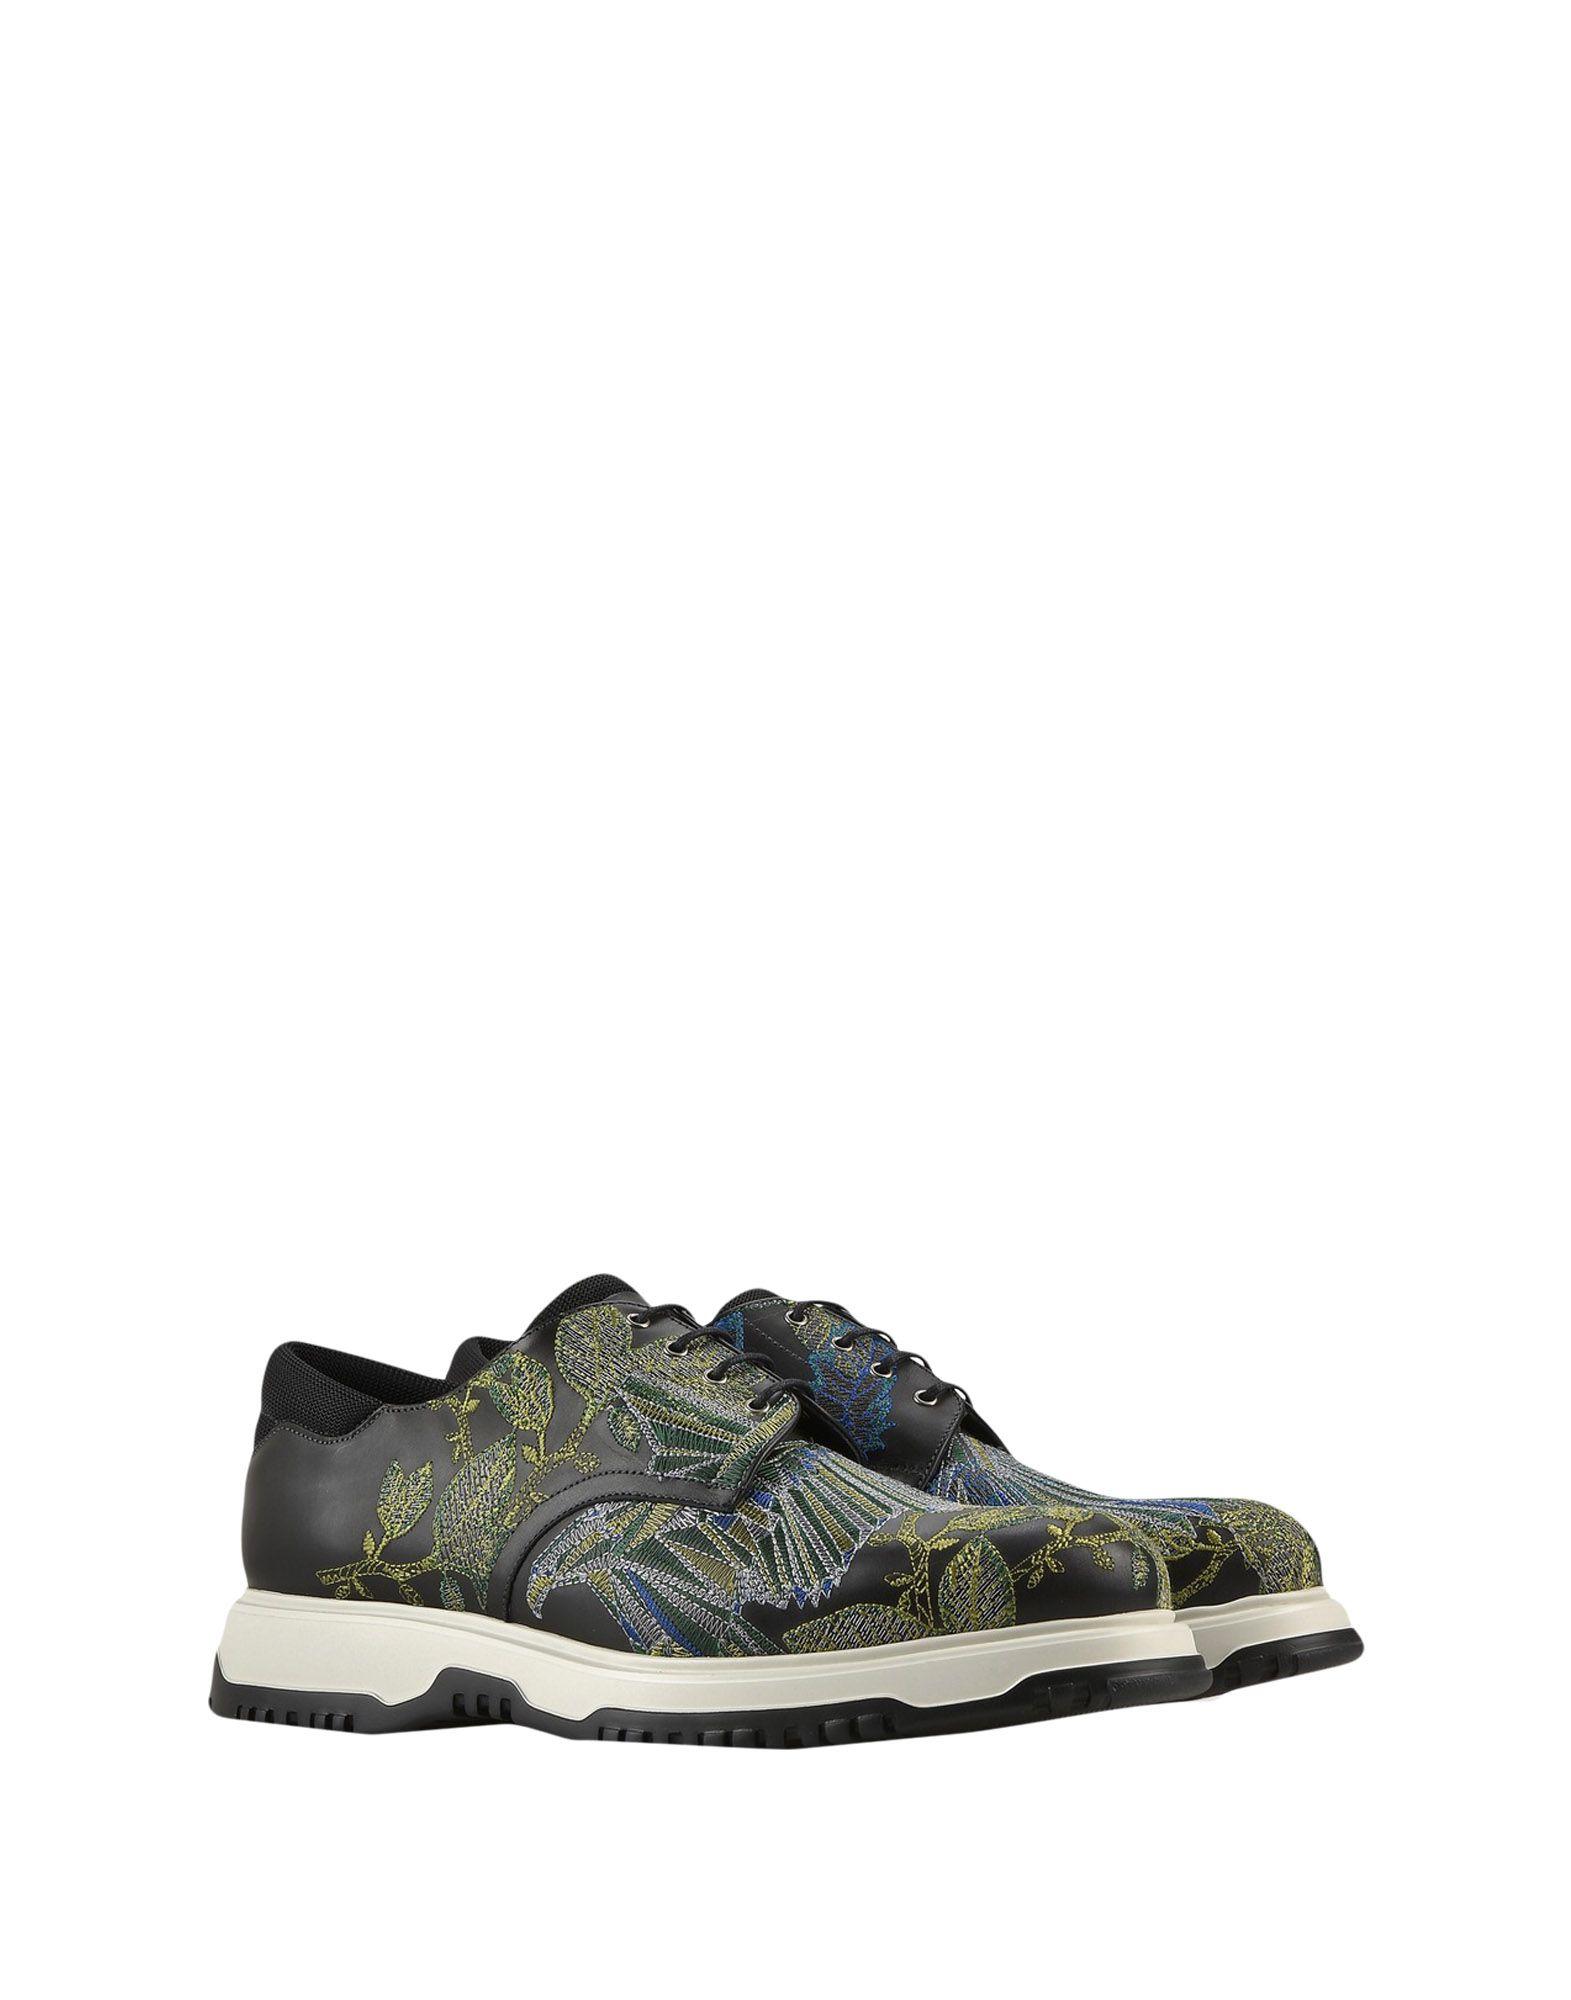 Emporio Armani Schnürschuhe Herren  11443651OP Gute Qualität beliebte Schuhe